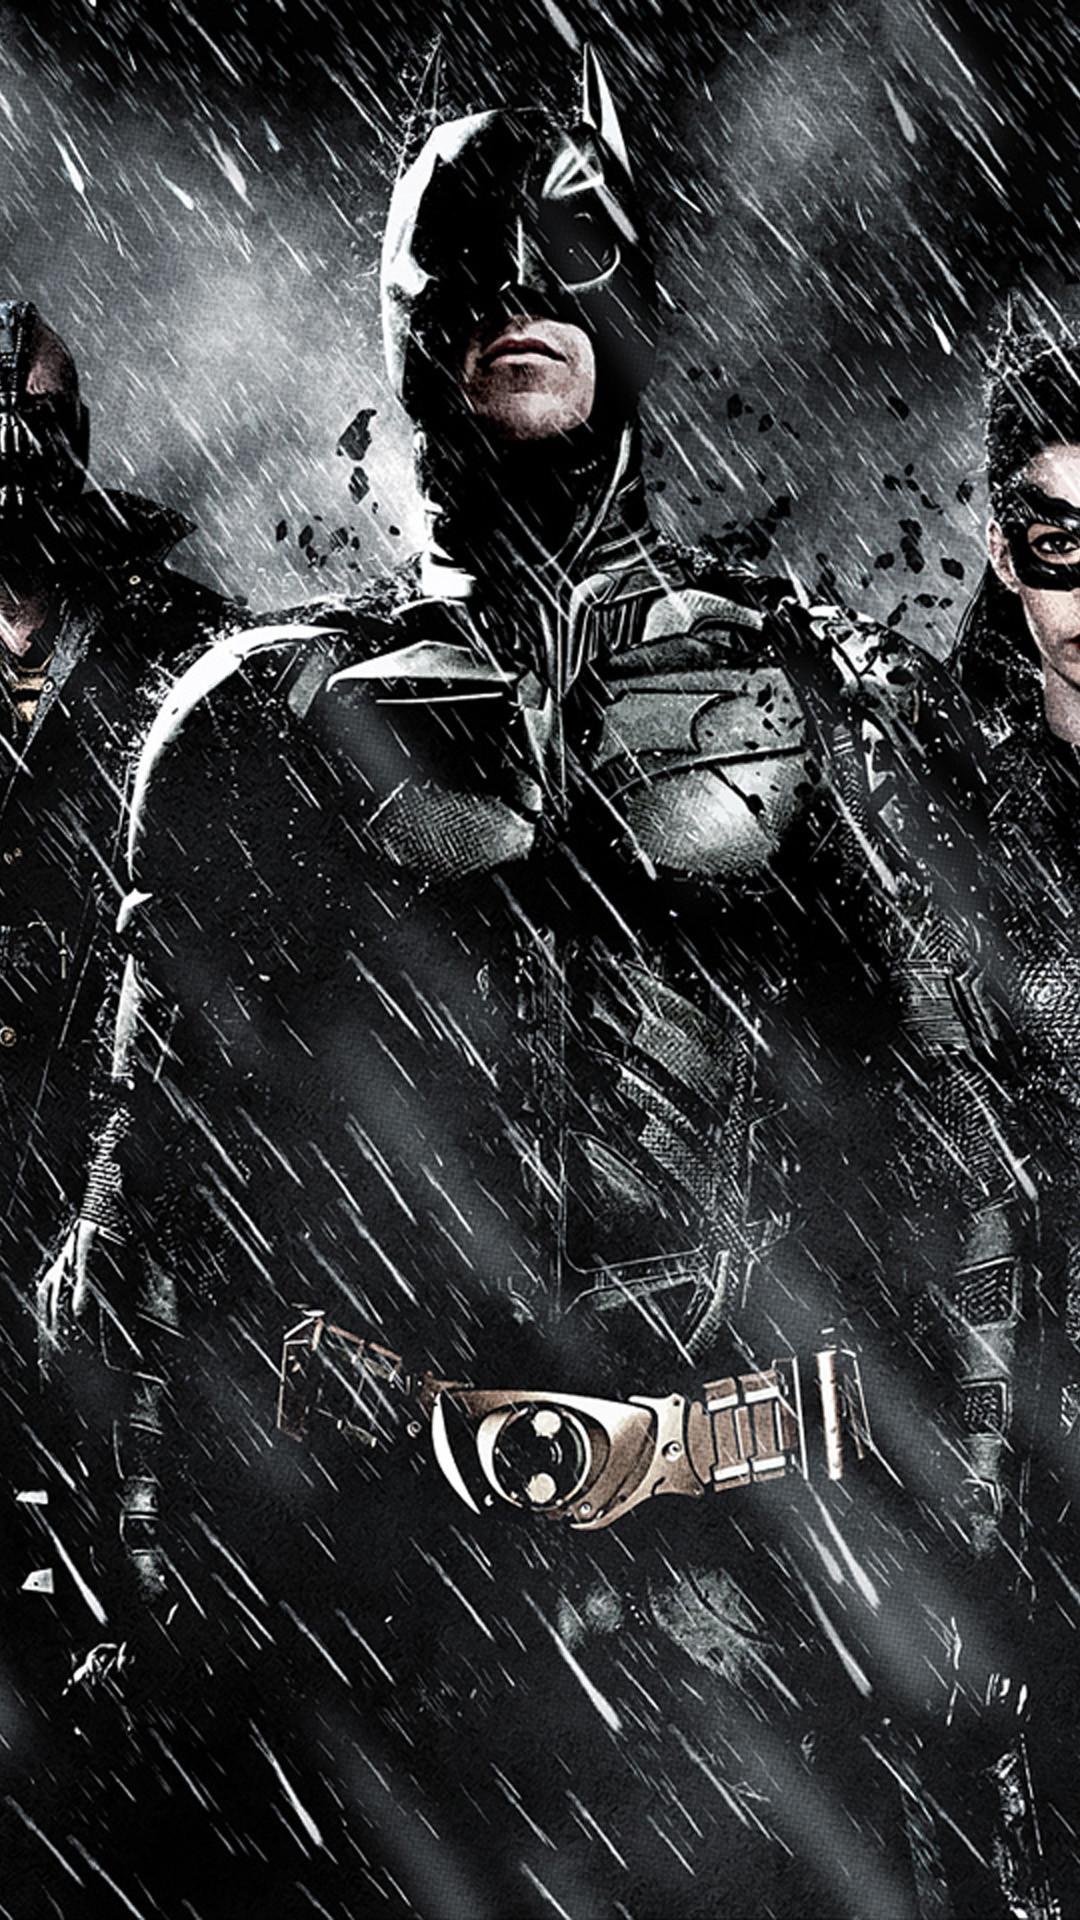 2880x1800 Batman And Joker IPhone Wallpaper 1920A 1080 Best Wallpapers 45